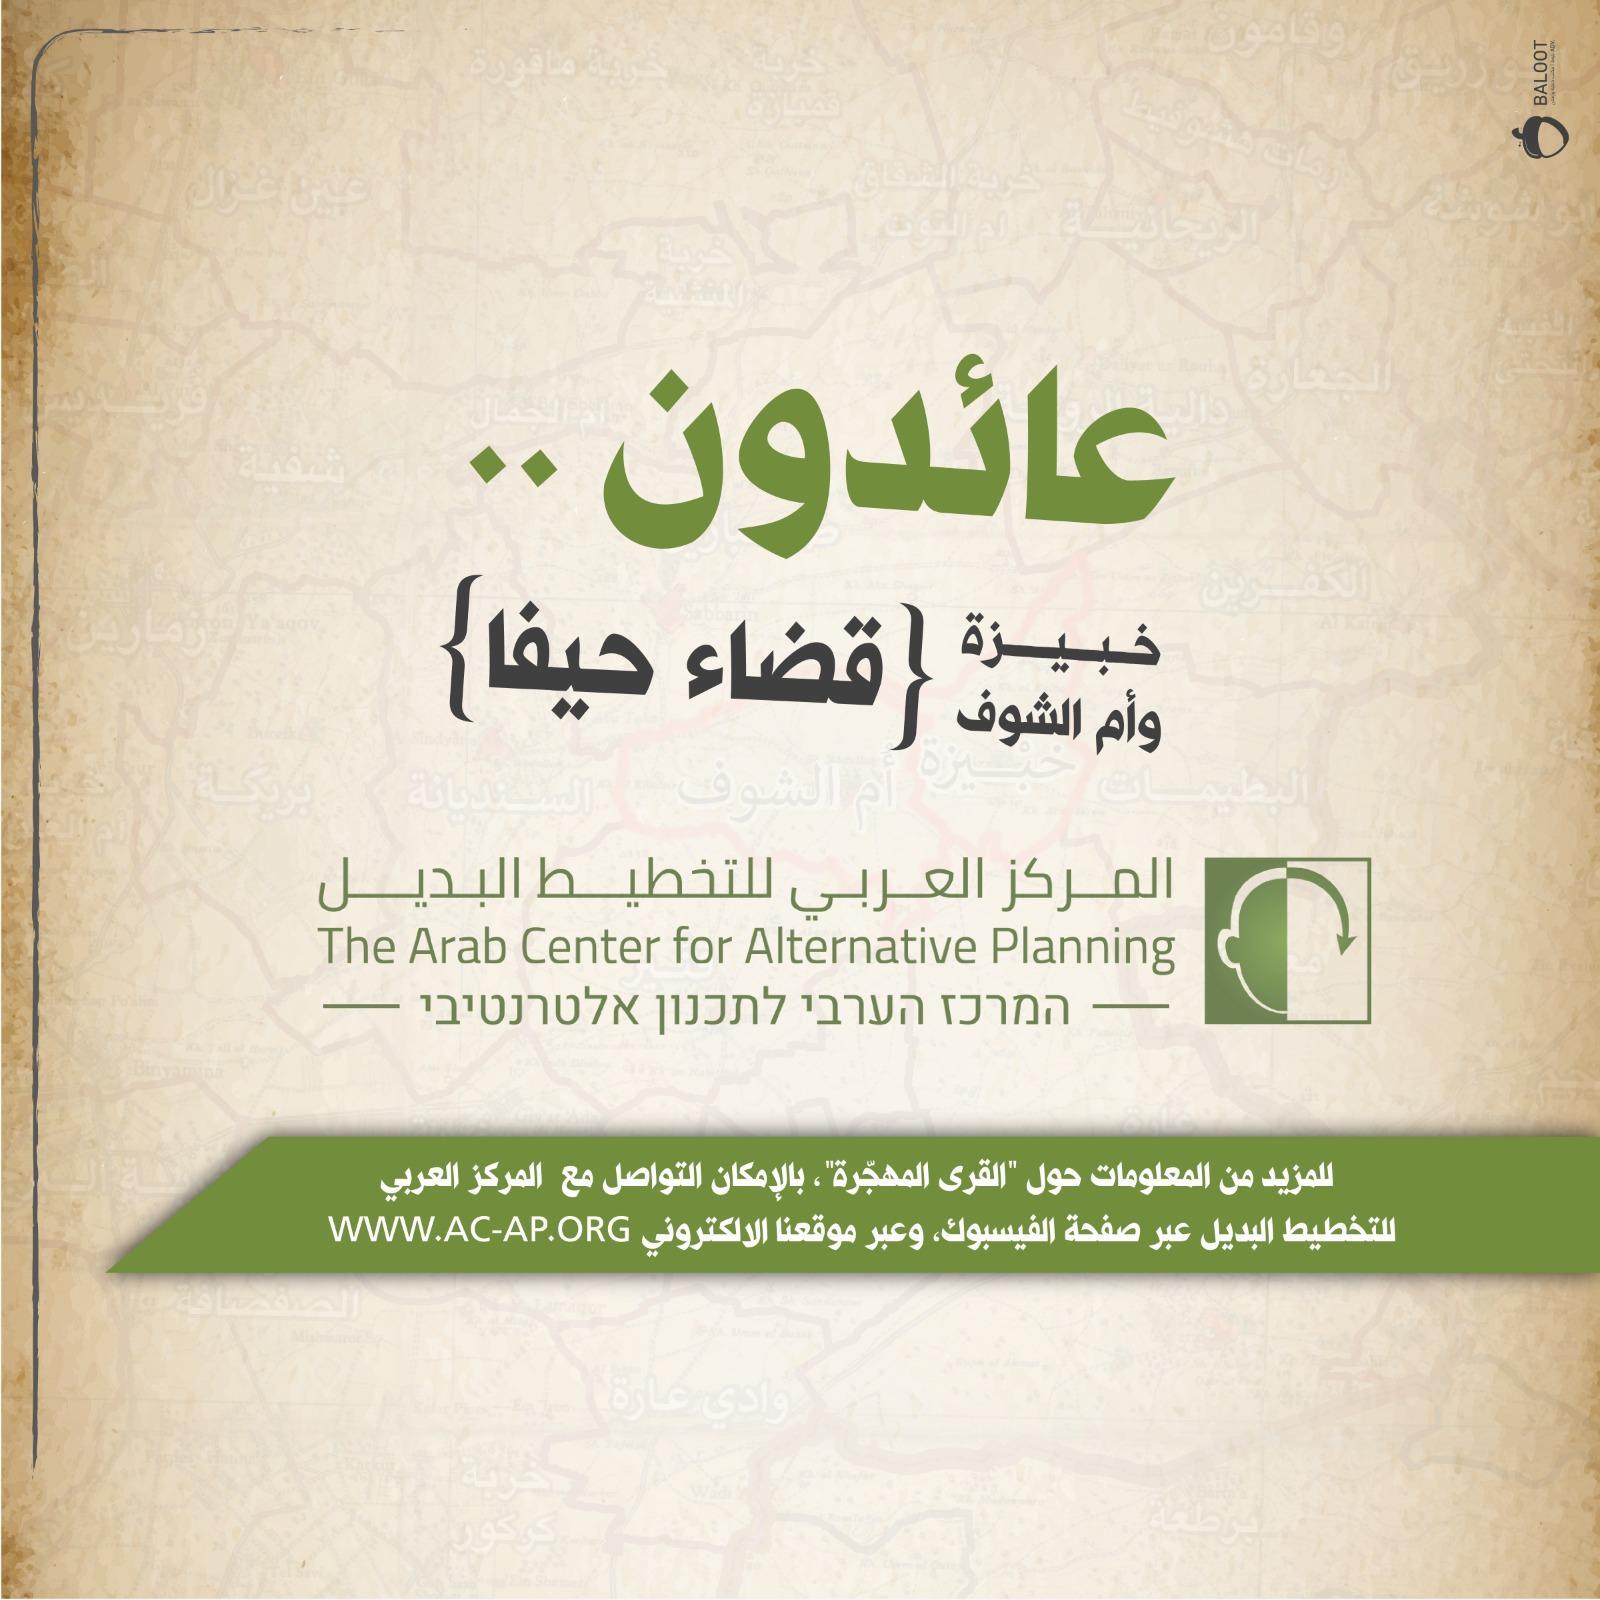 المركز العربي للتخطيط البديل ينشر خارطة عائدون لخبيزة وأم الشوف